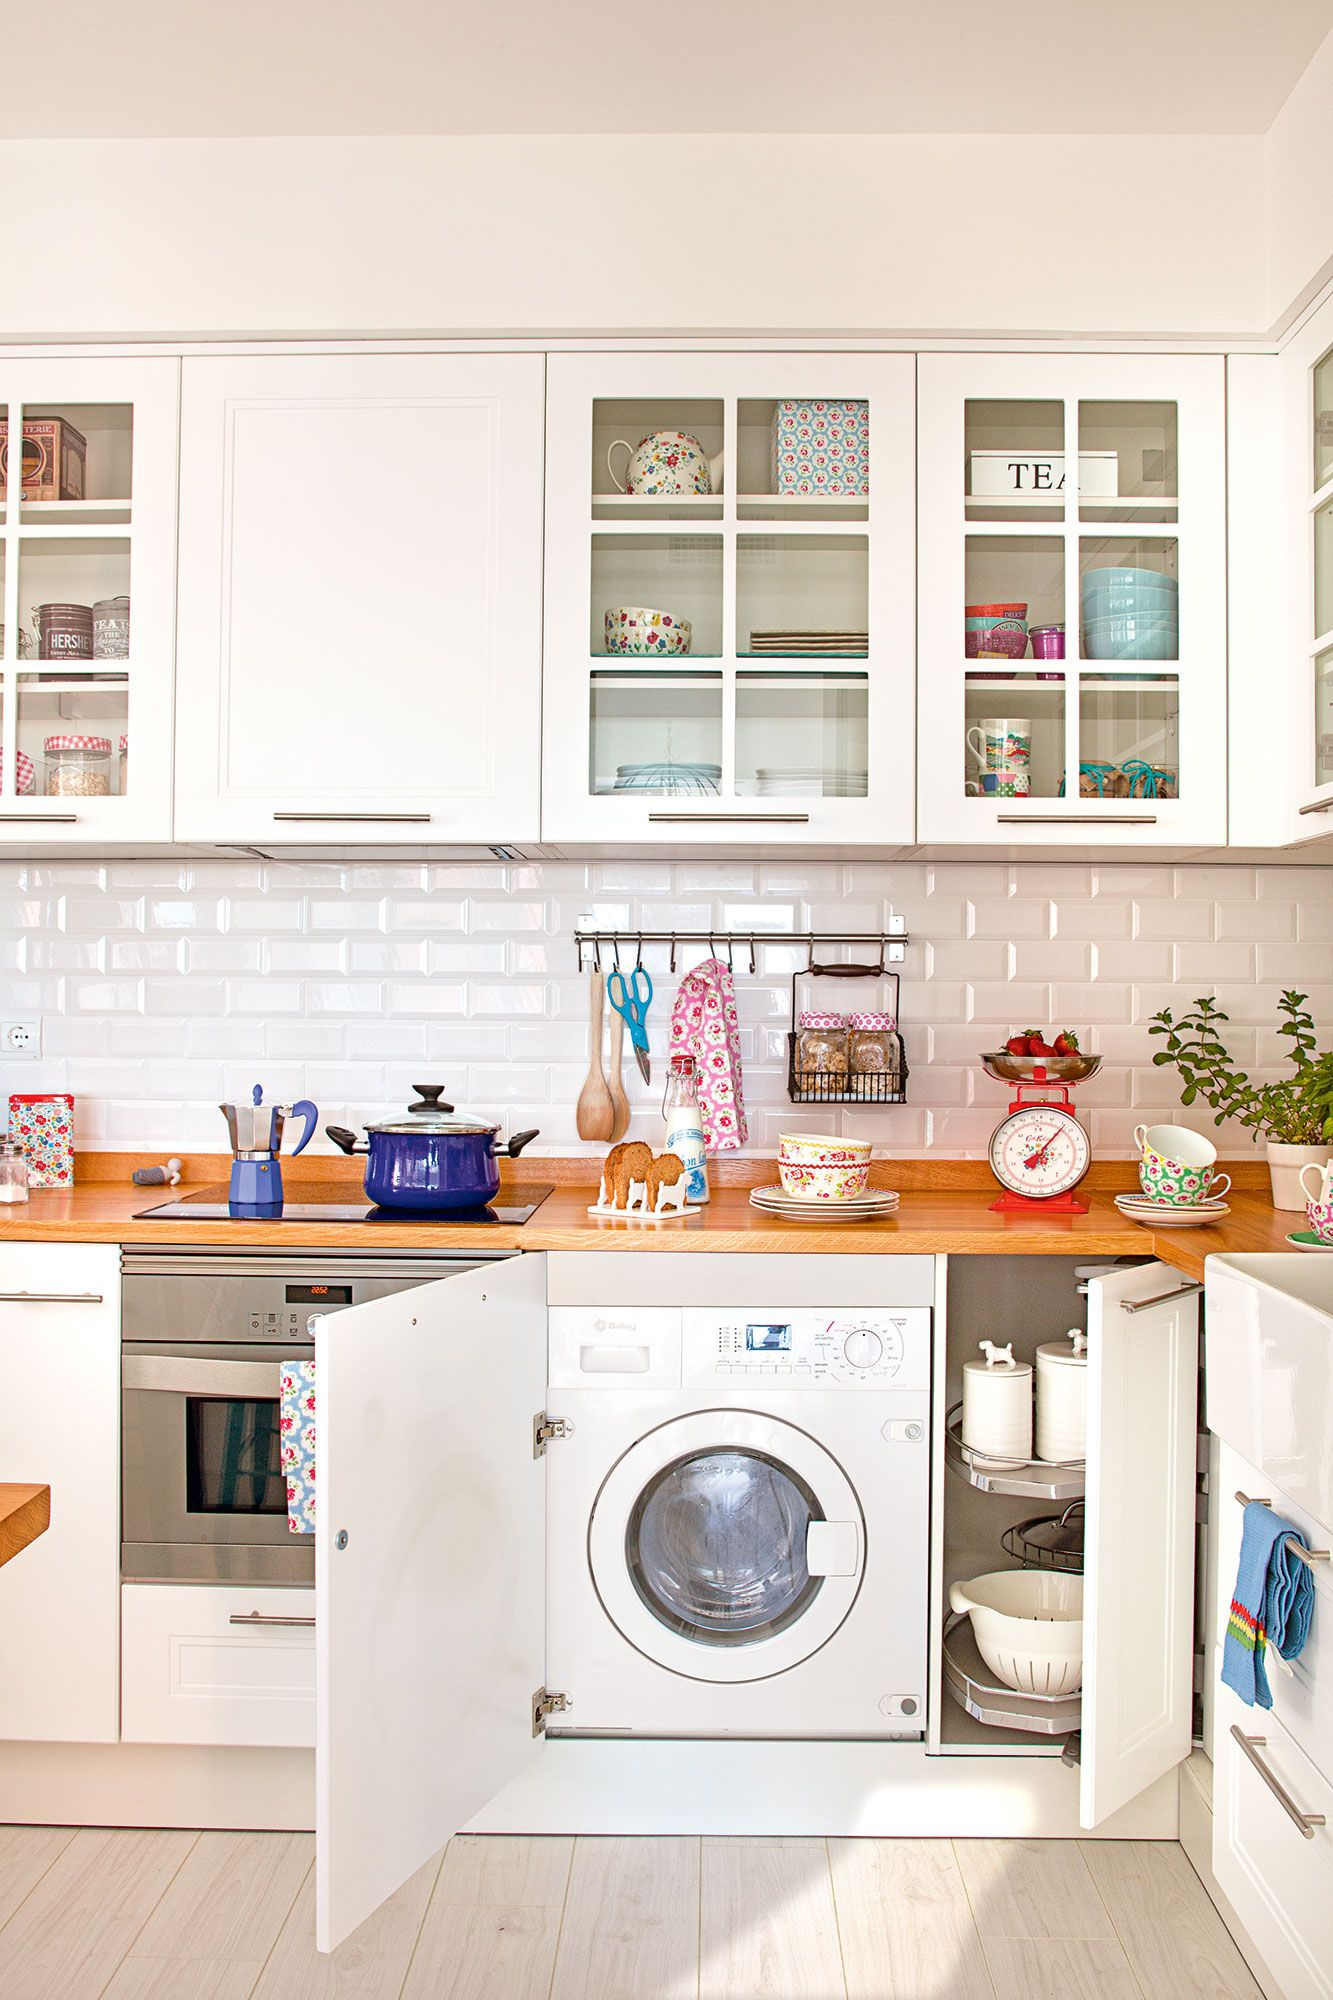 Cocina blanca con encimera de madera y lavadora oculta - Lavadora secadora pequena ...